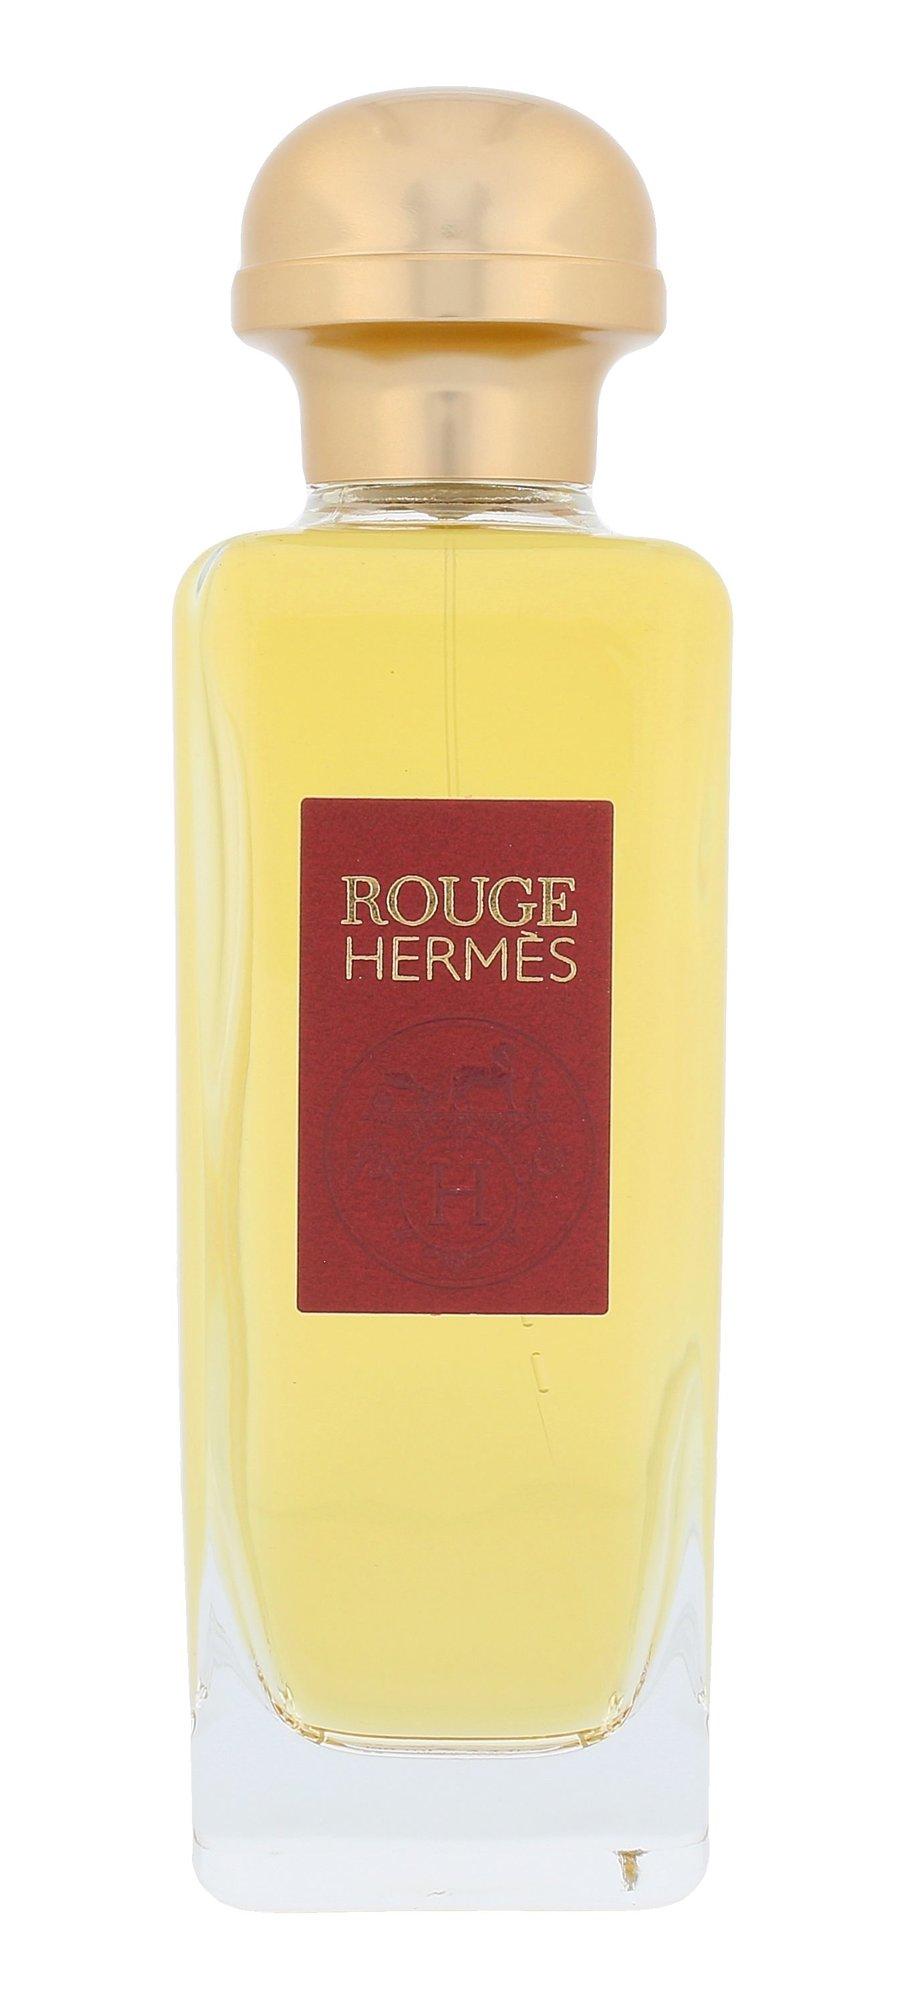 Hermes Rouge EDT 100ml